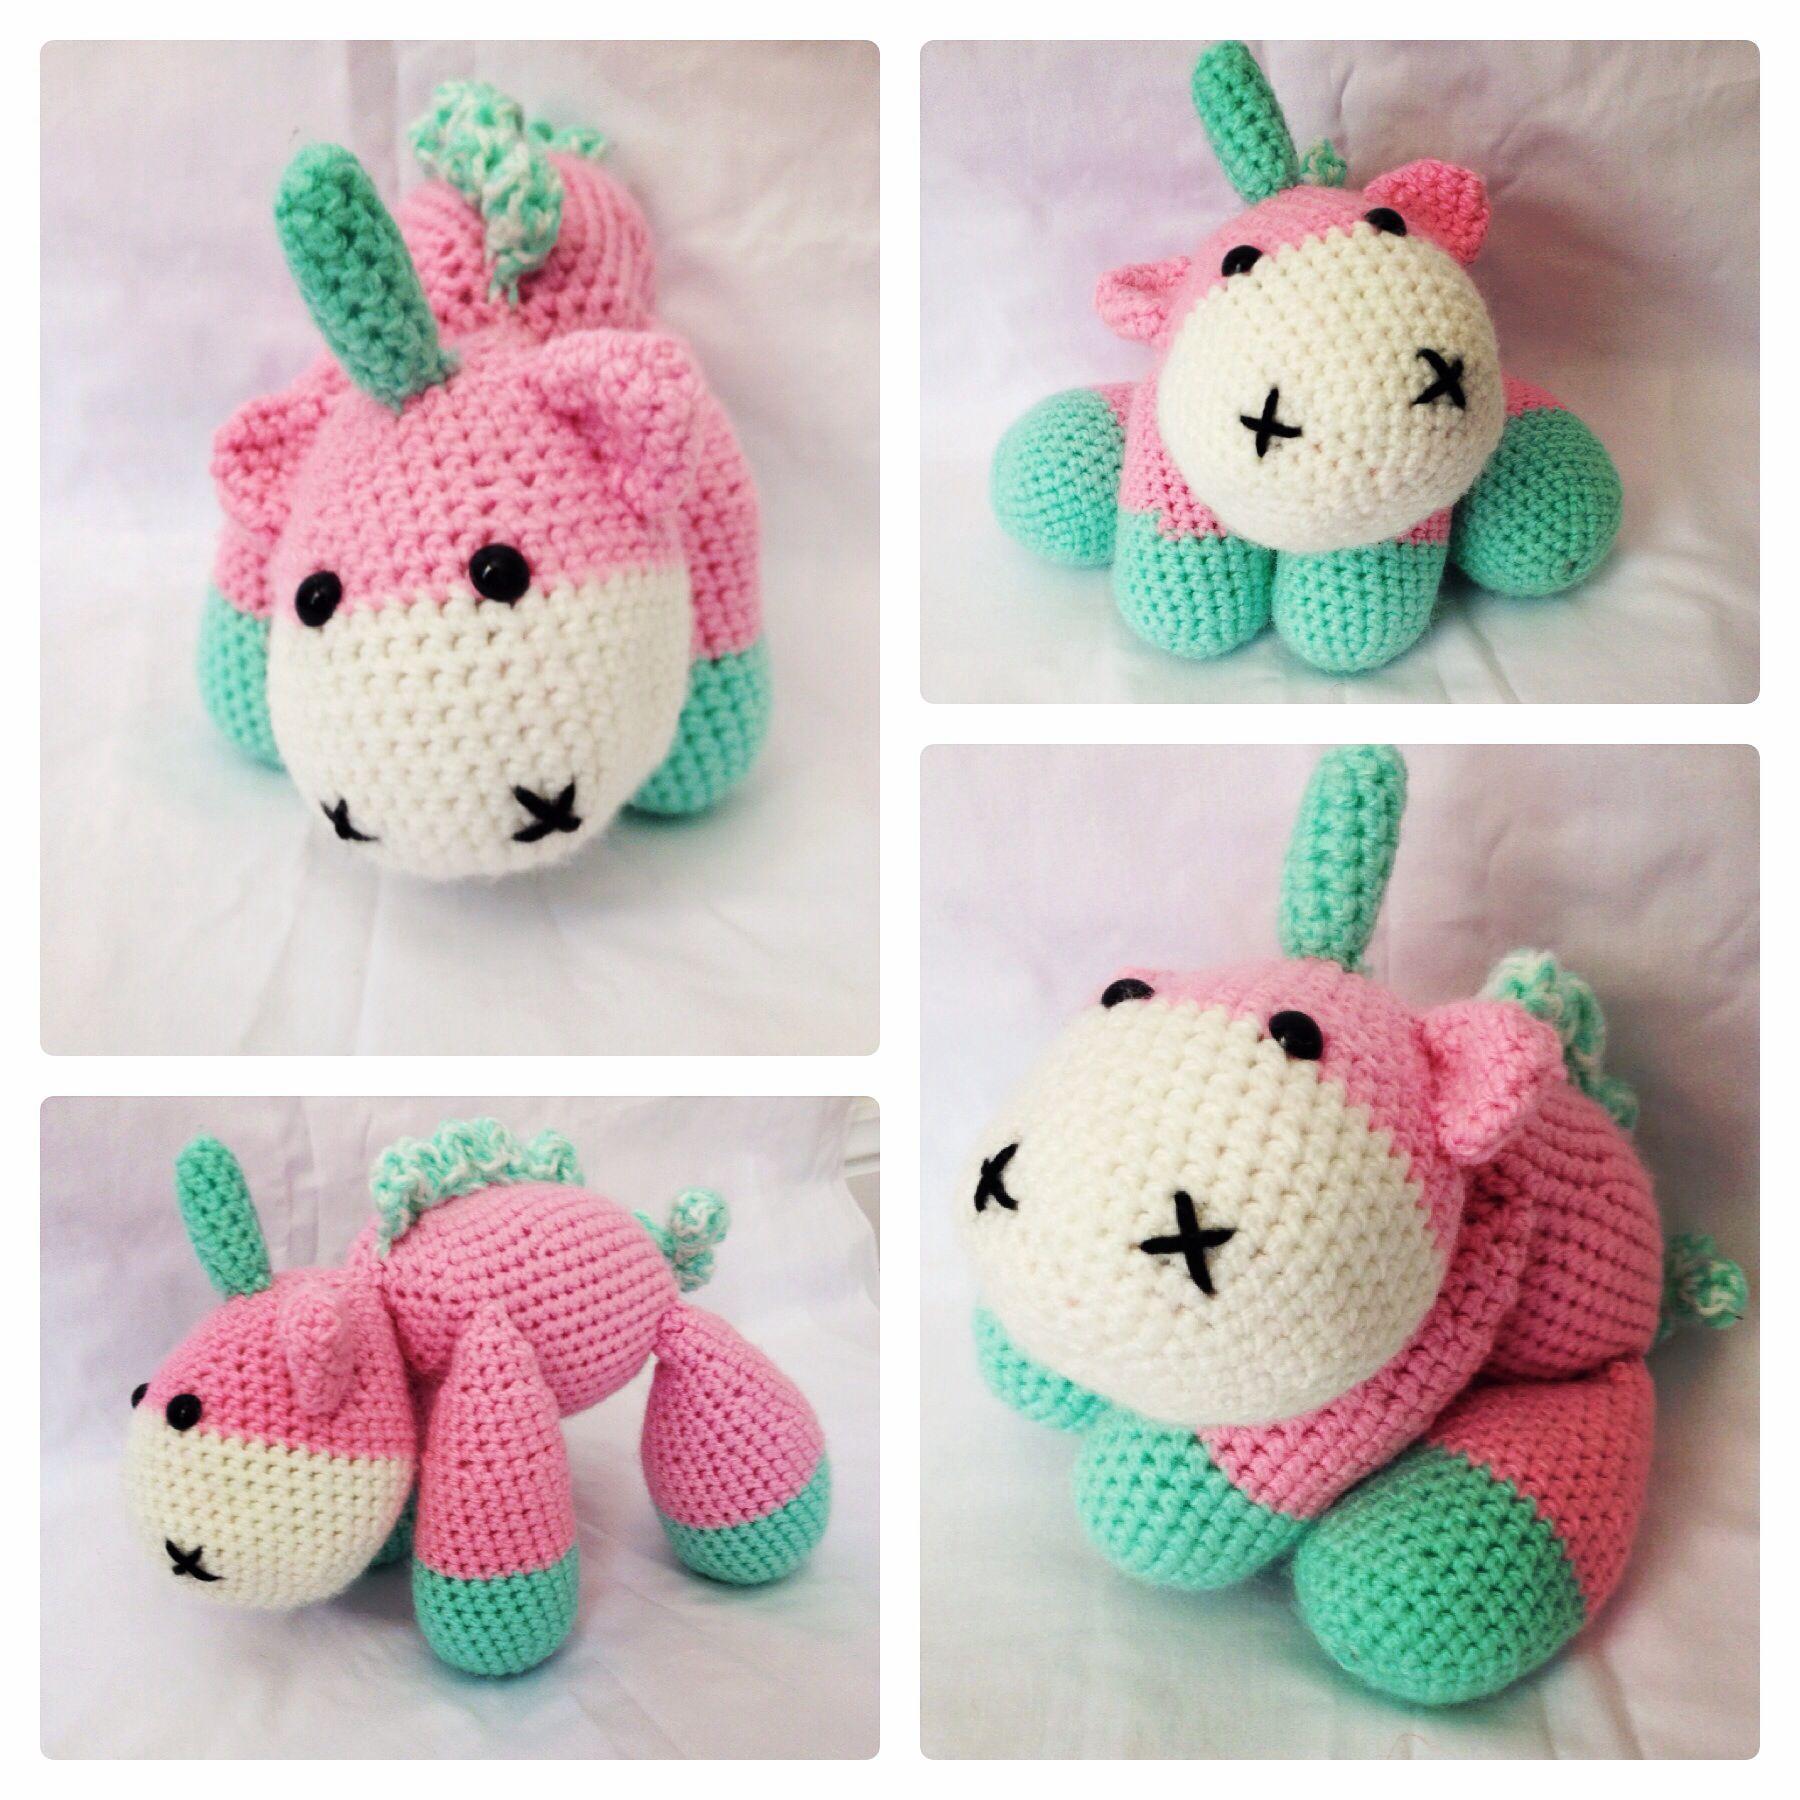 My first crochet unicorn http://littleyarnfriends.com/post ...